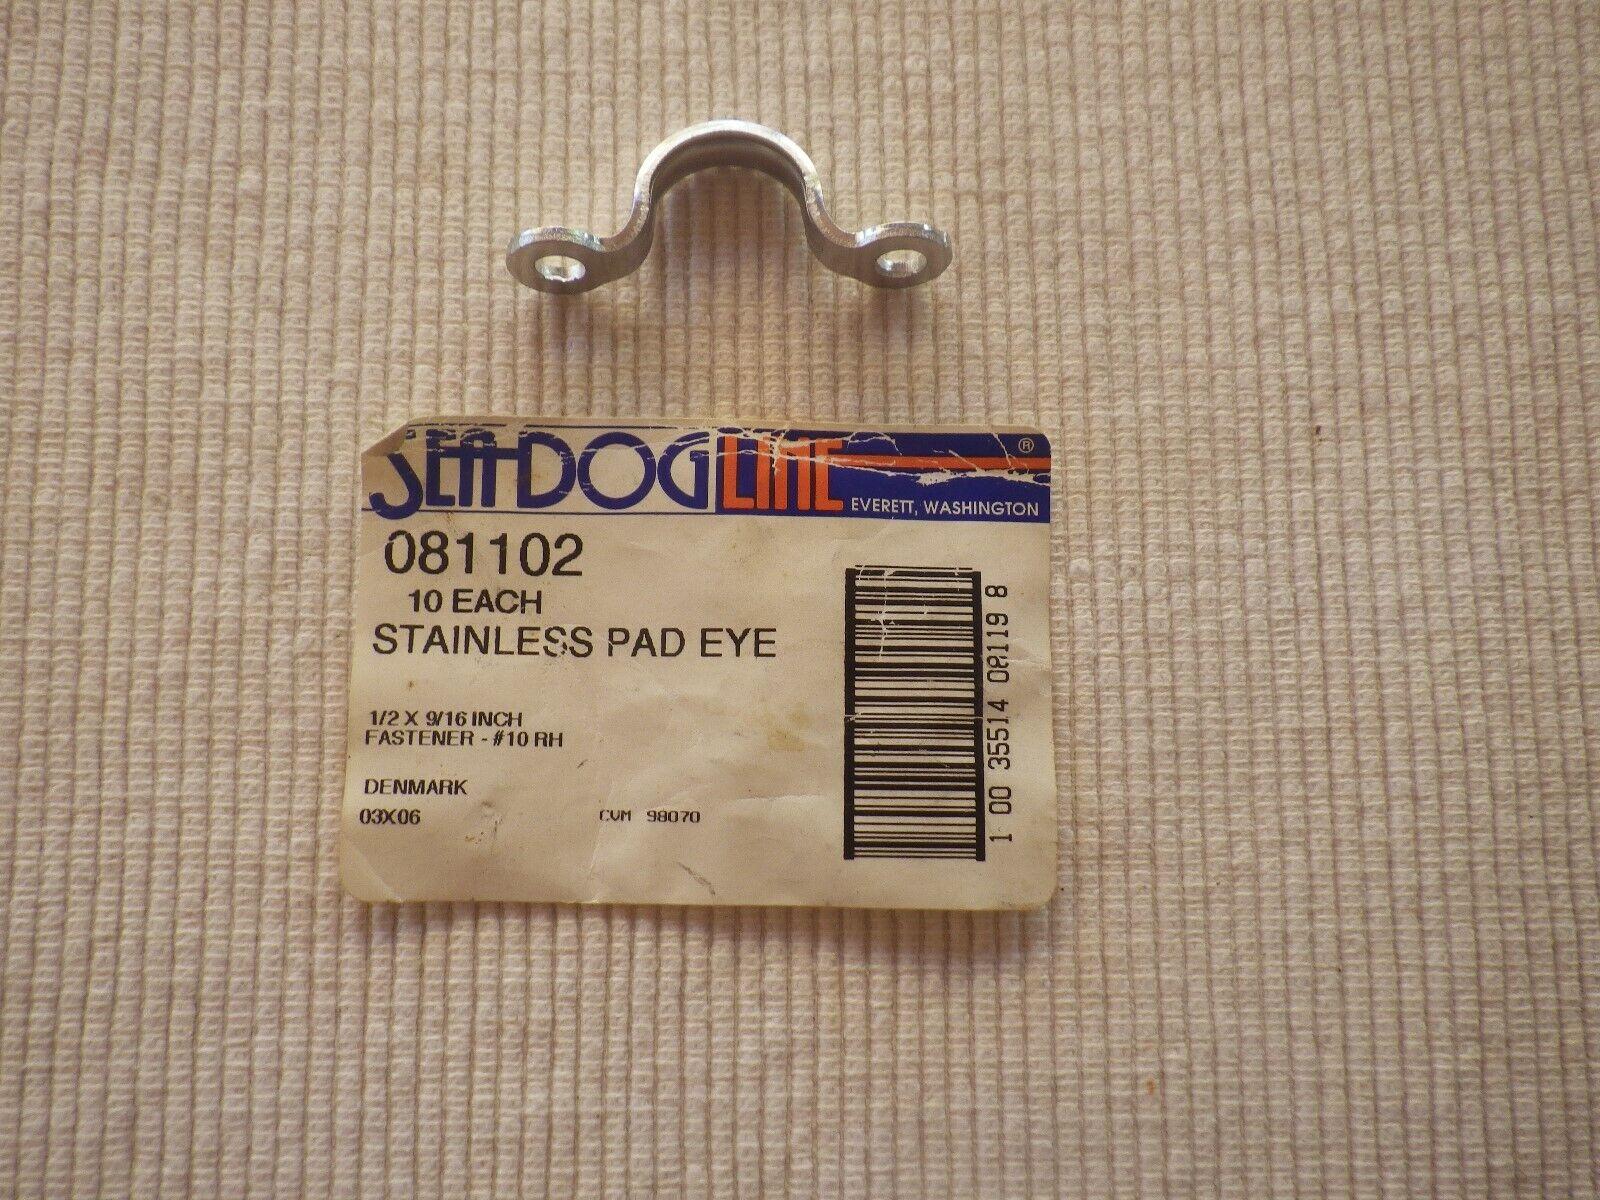 Sea-Dog 079133-1 Bow Eye